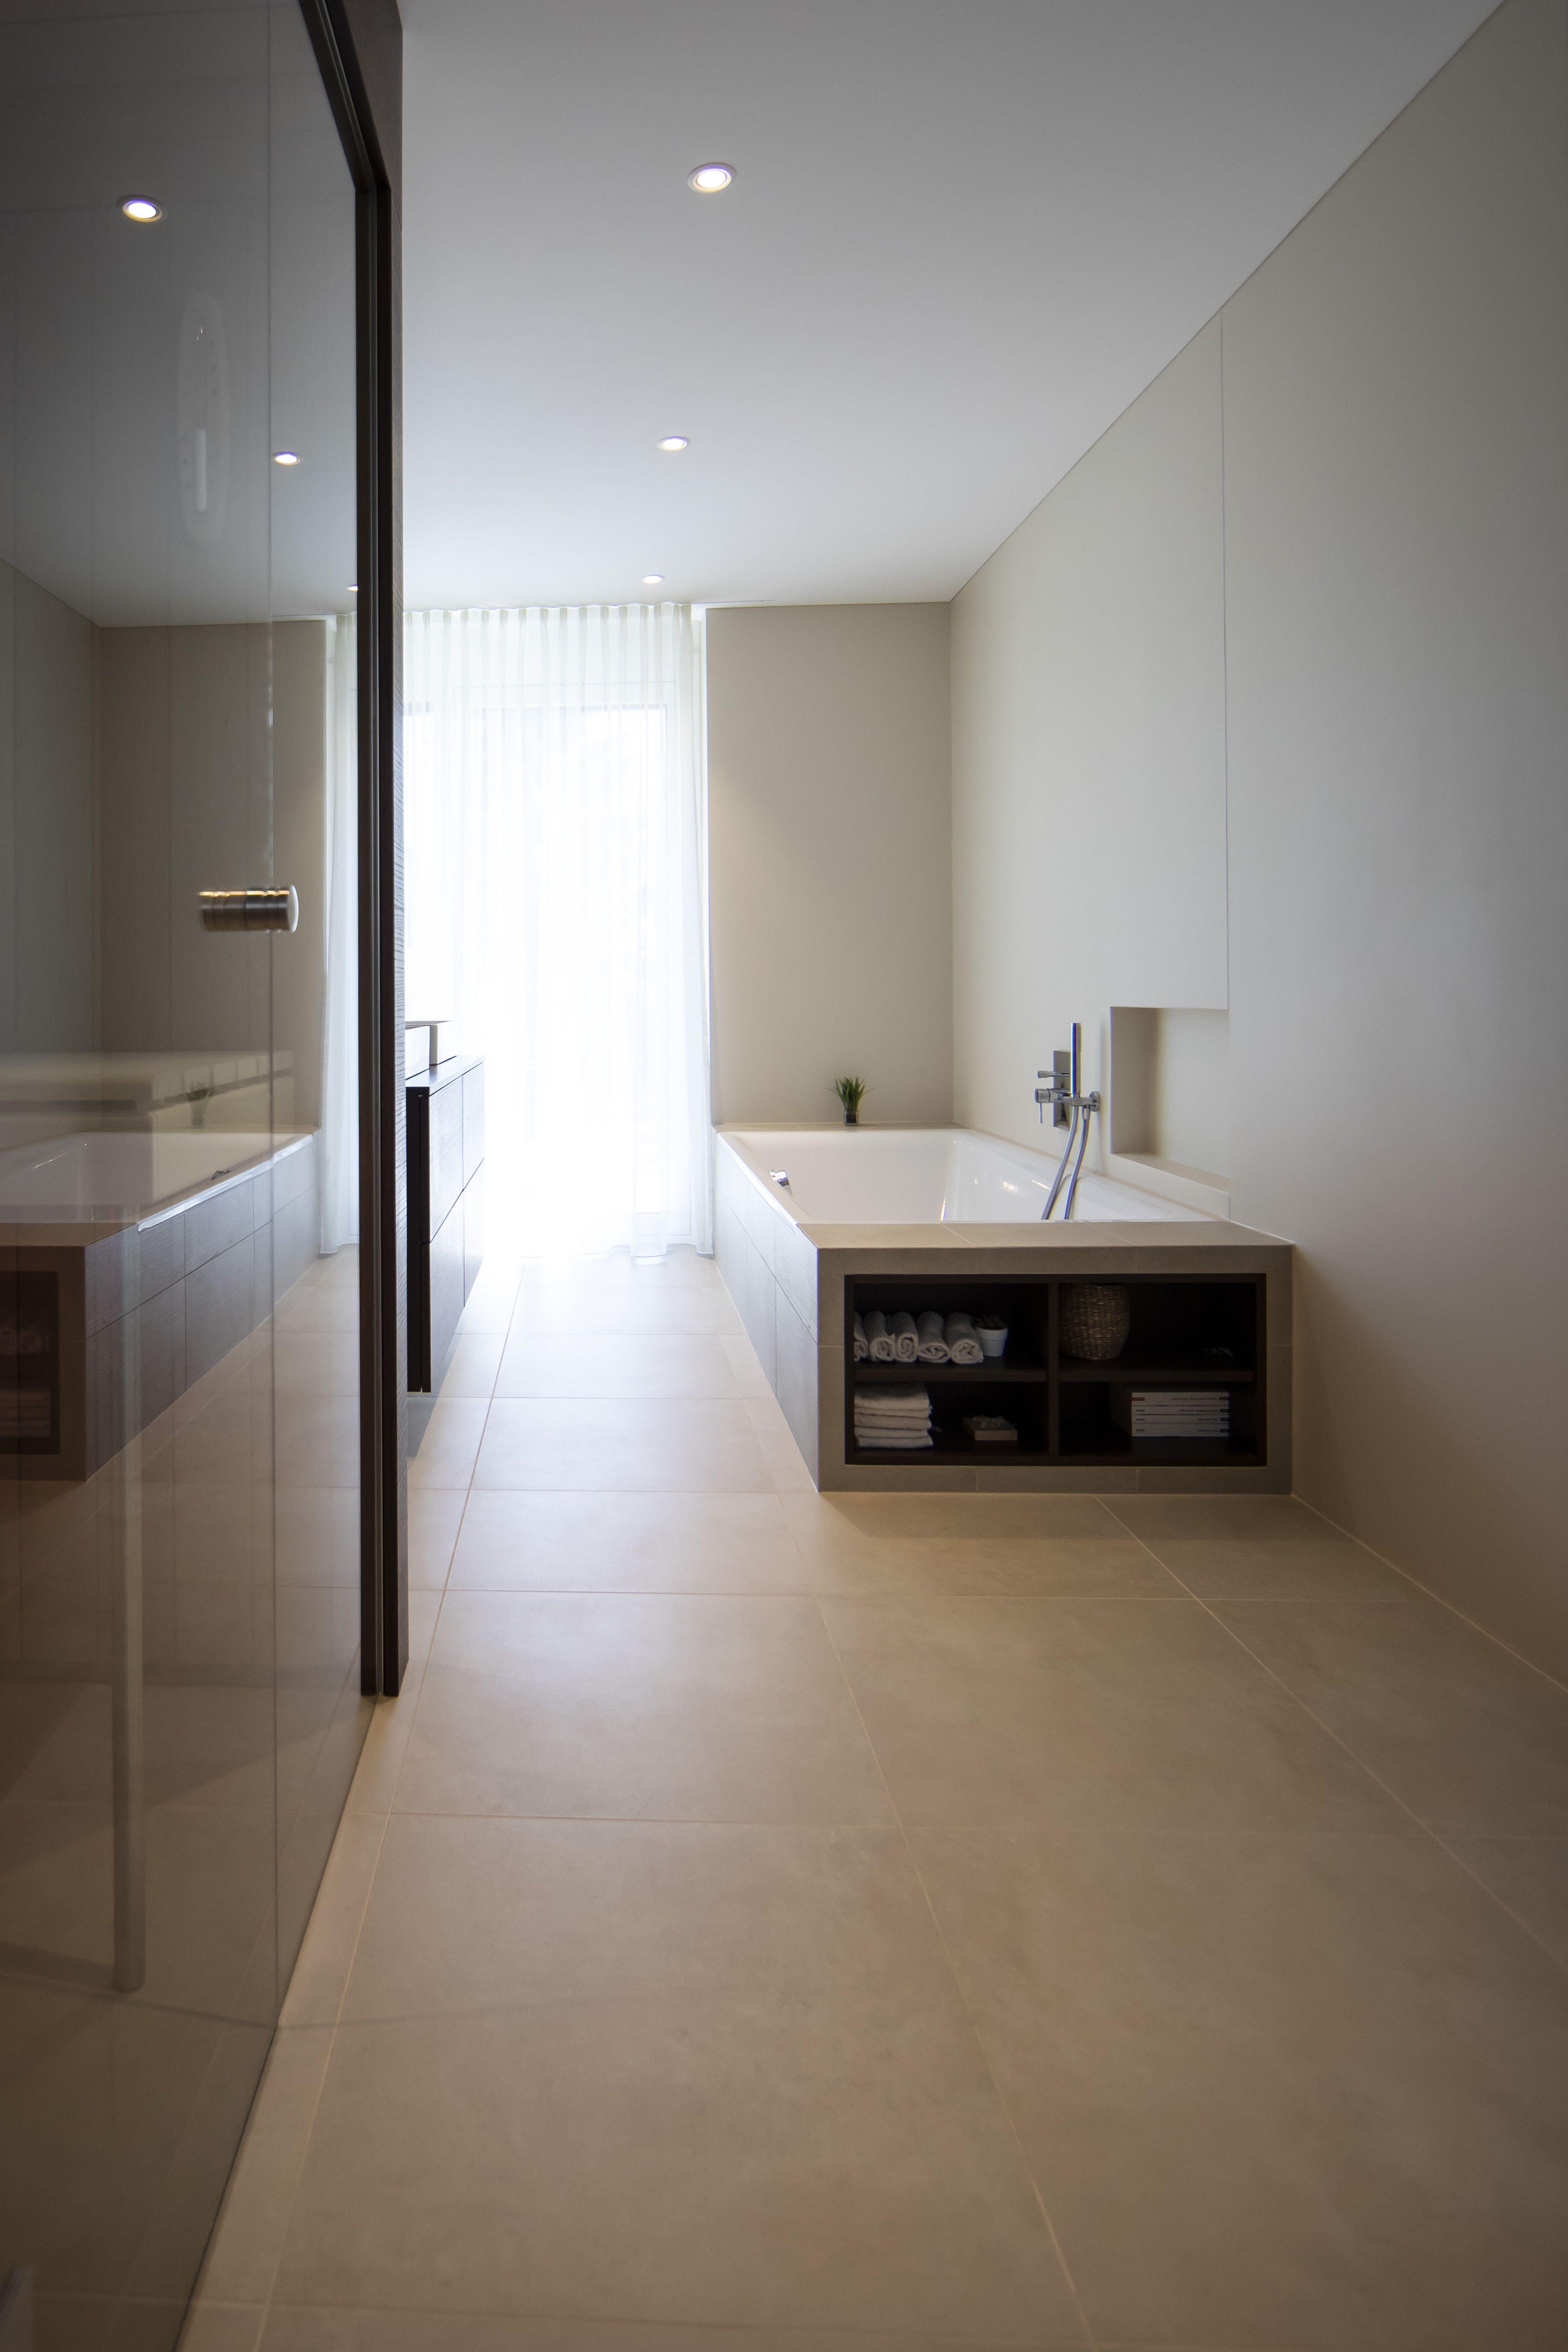 Bathroom Kaldewei Badezimmer Einrichtungsideen